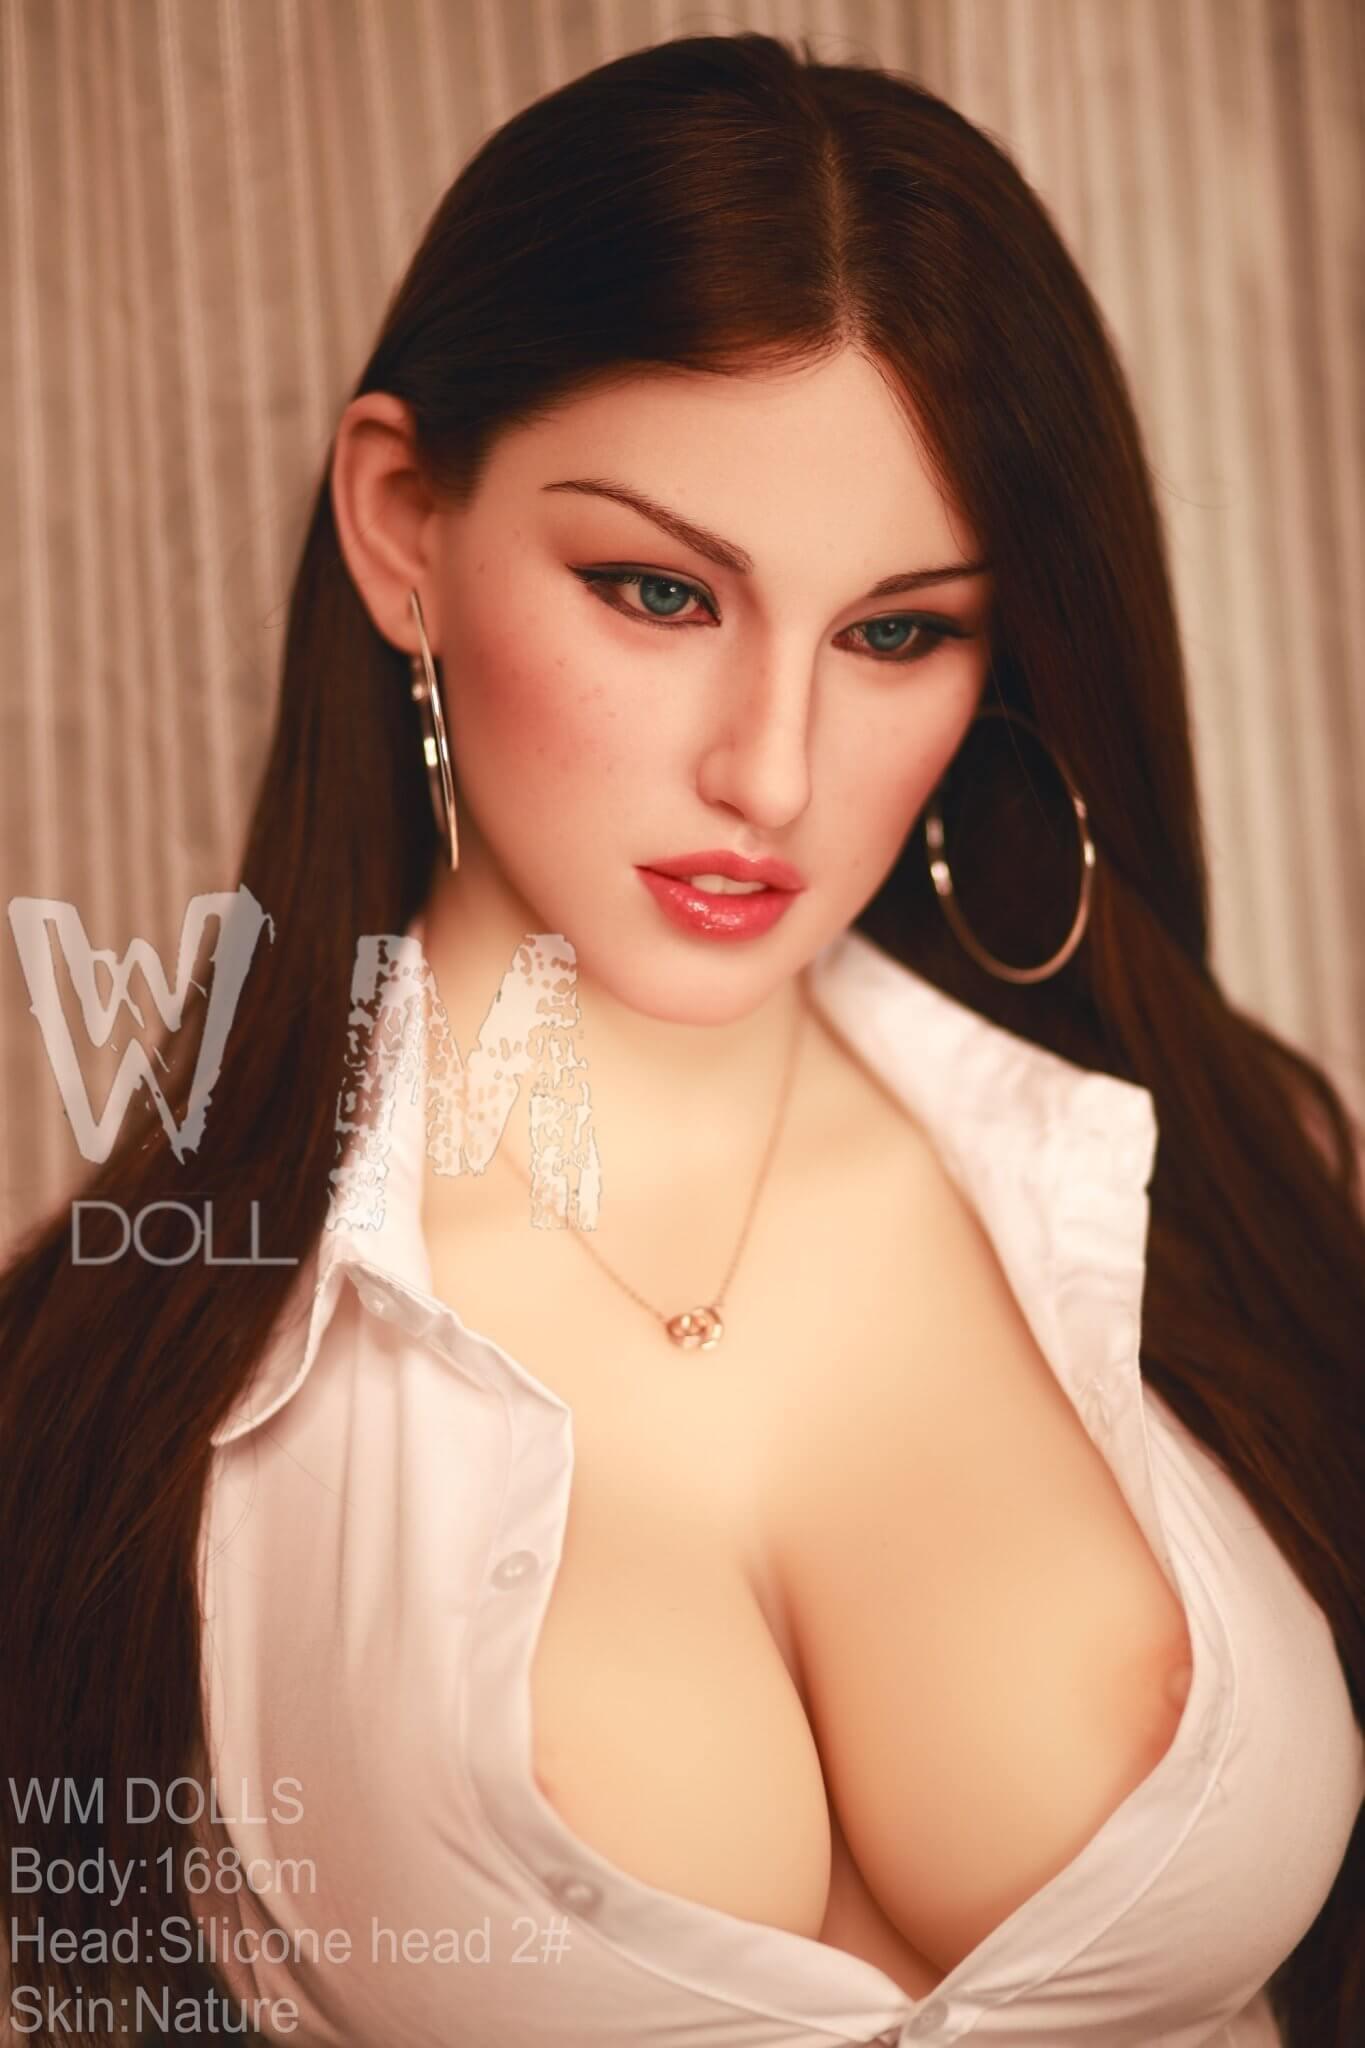 Real Doll Jenna